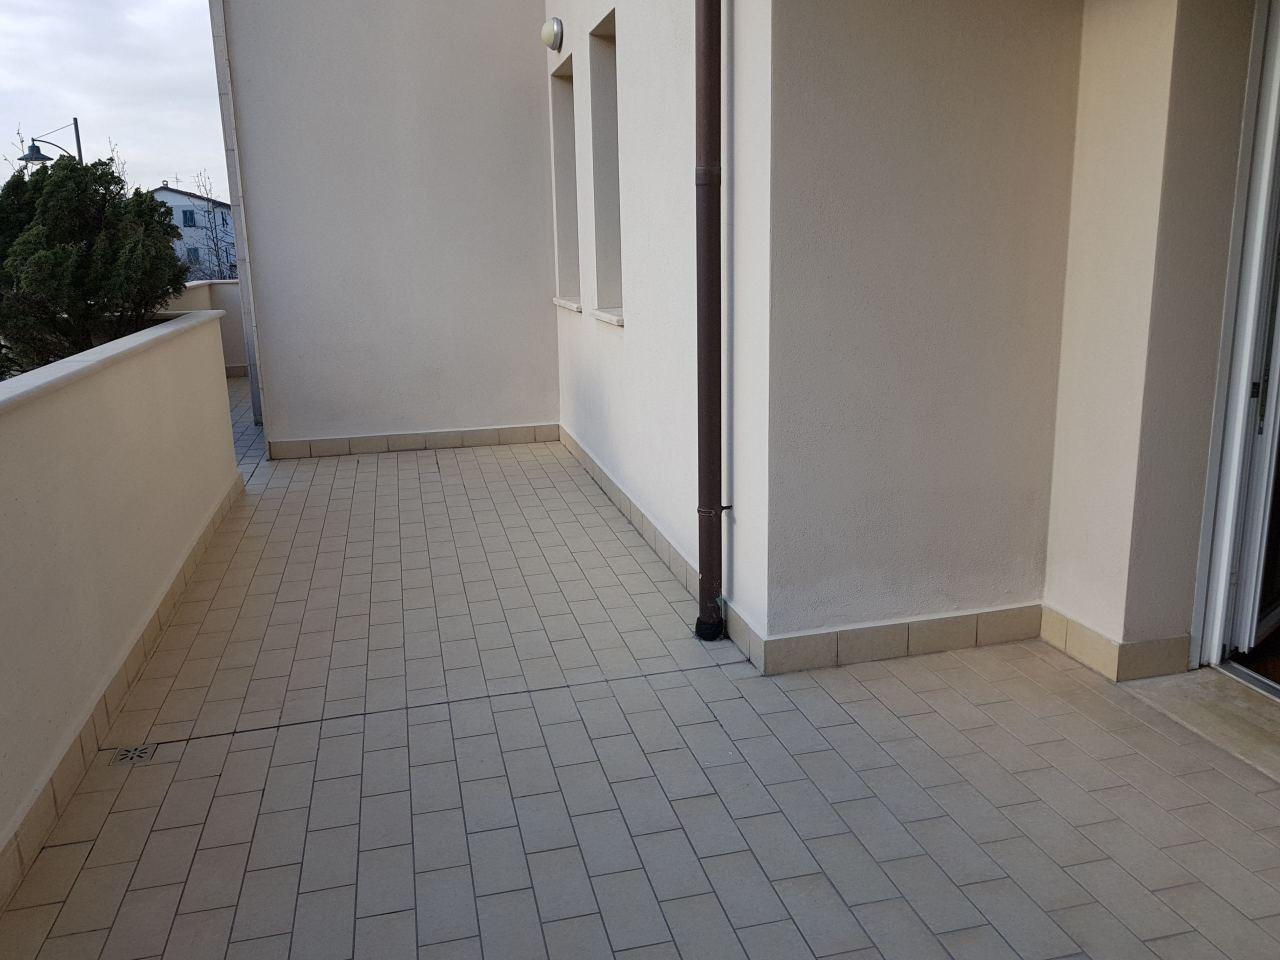 Appartamenti e Attici LUCCA vendita  San Marco  Agenzia Immobiliare Fusca